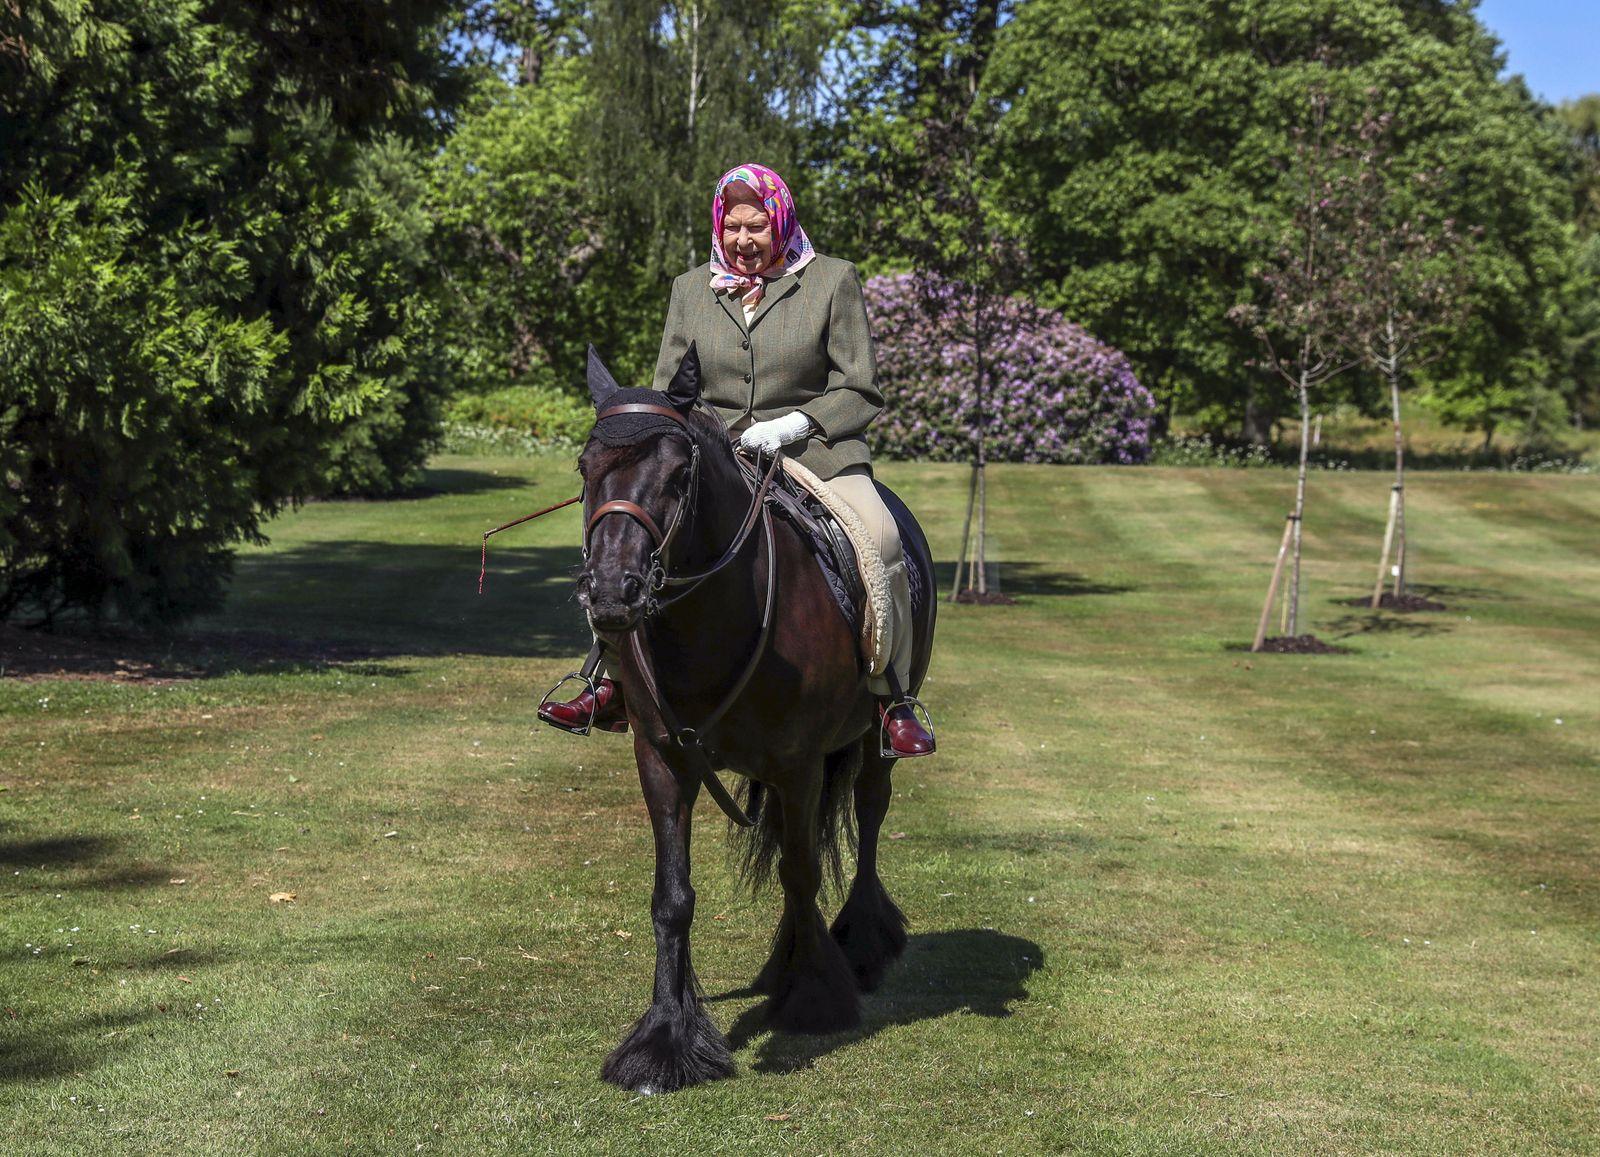 Queen Elizabeth II In Windsor Home Park